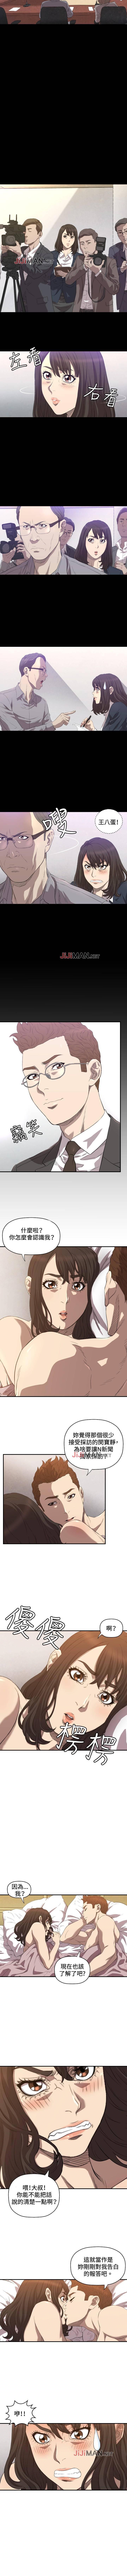 【已完结】索多玛俱乐部(作者:何藝媛&庫奈尼) 第1~32话 59